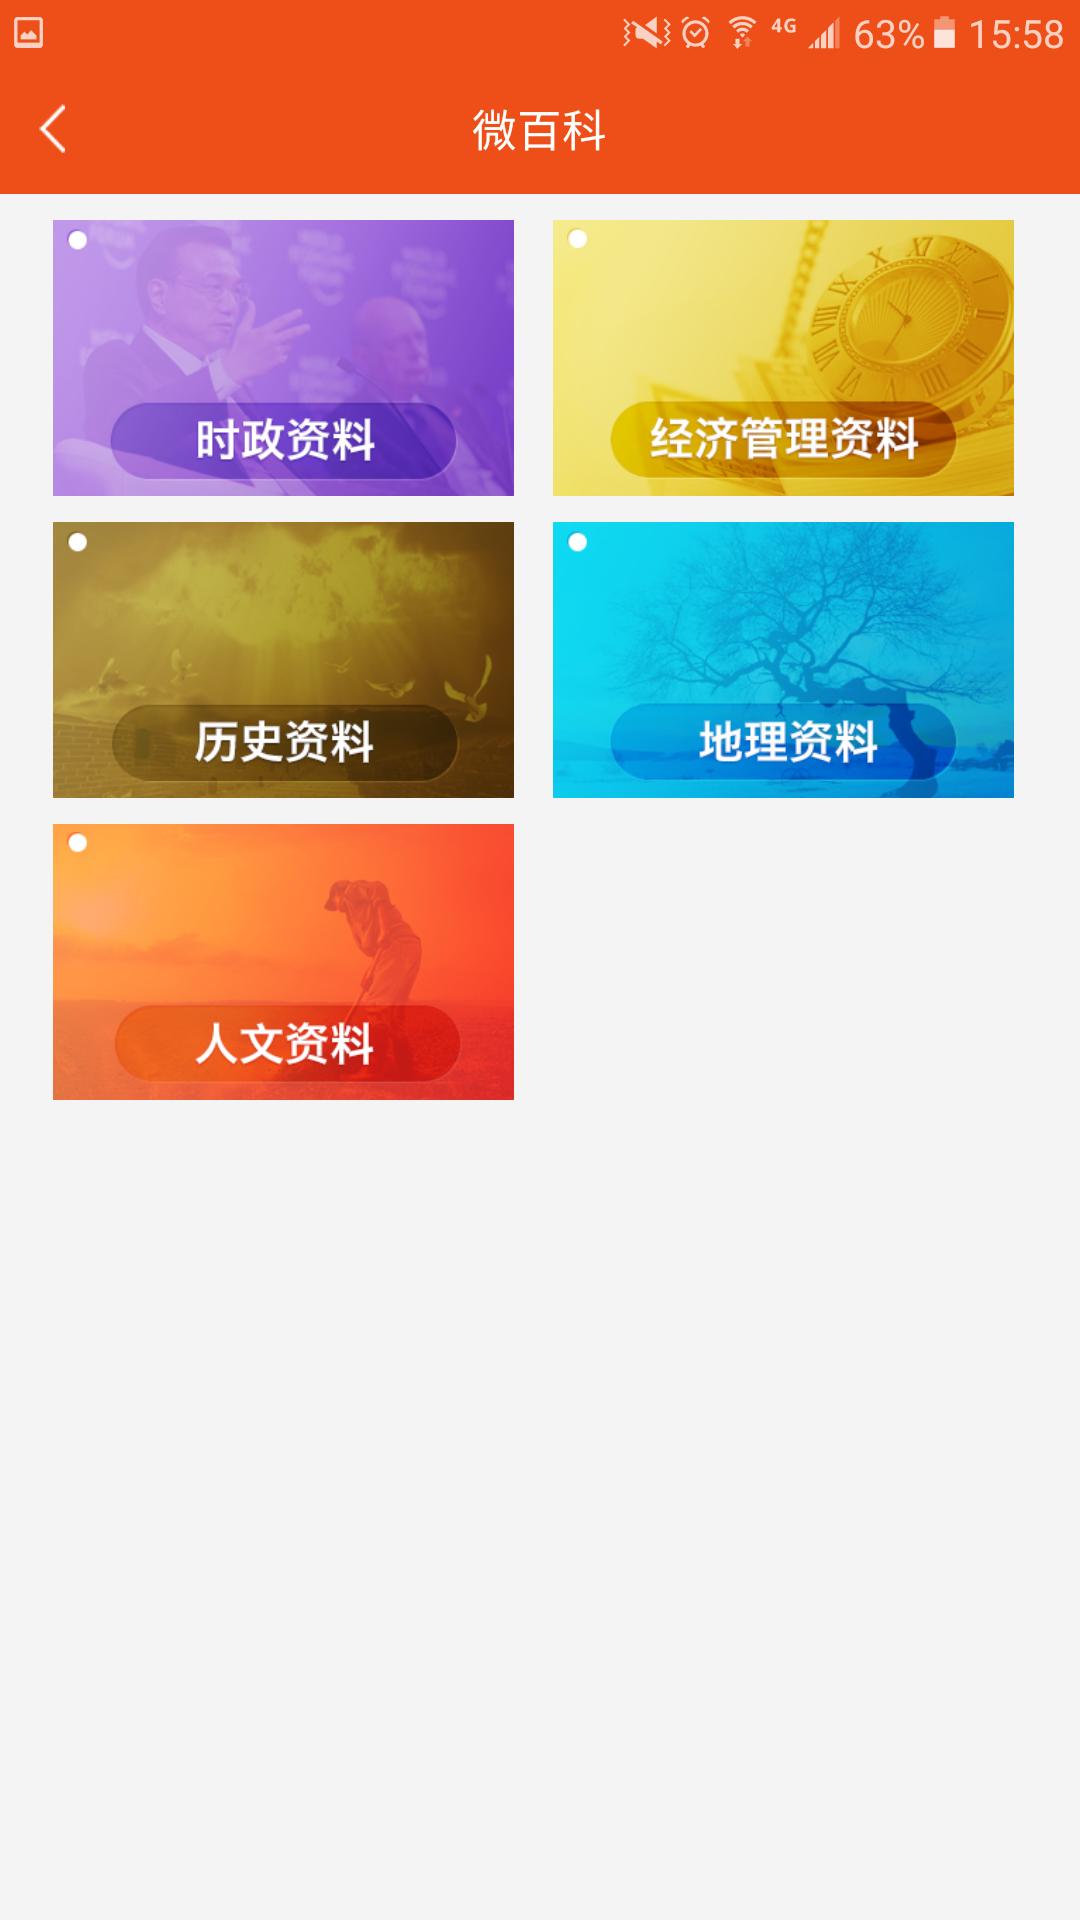 延安互联网党建云平台